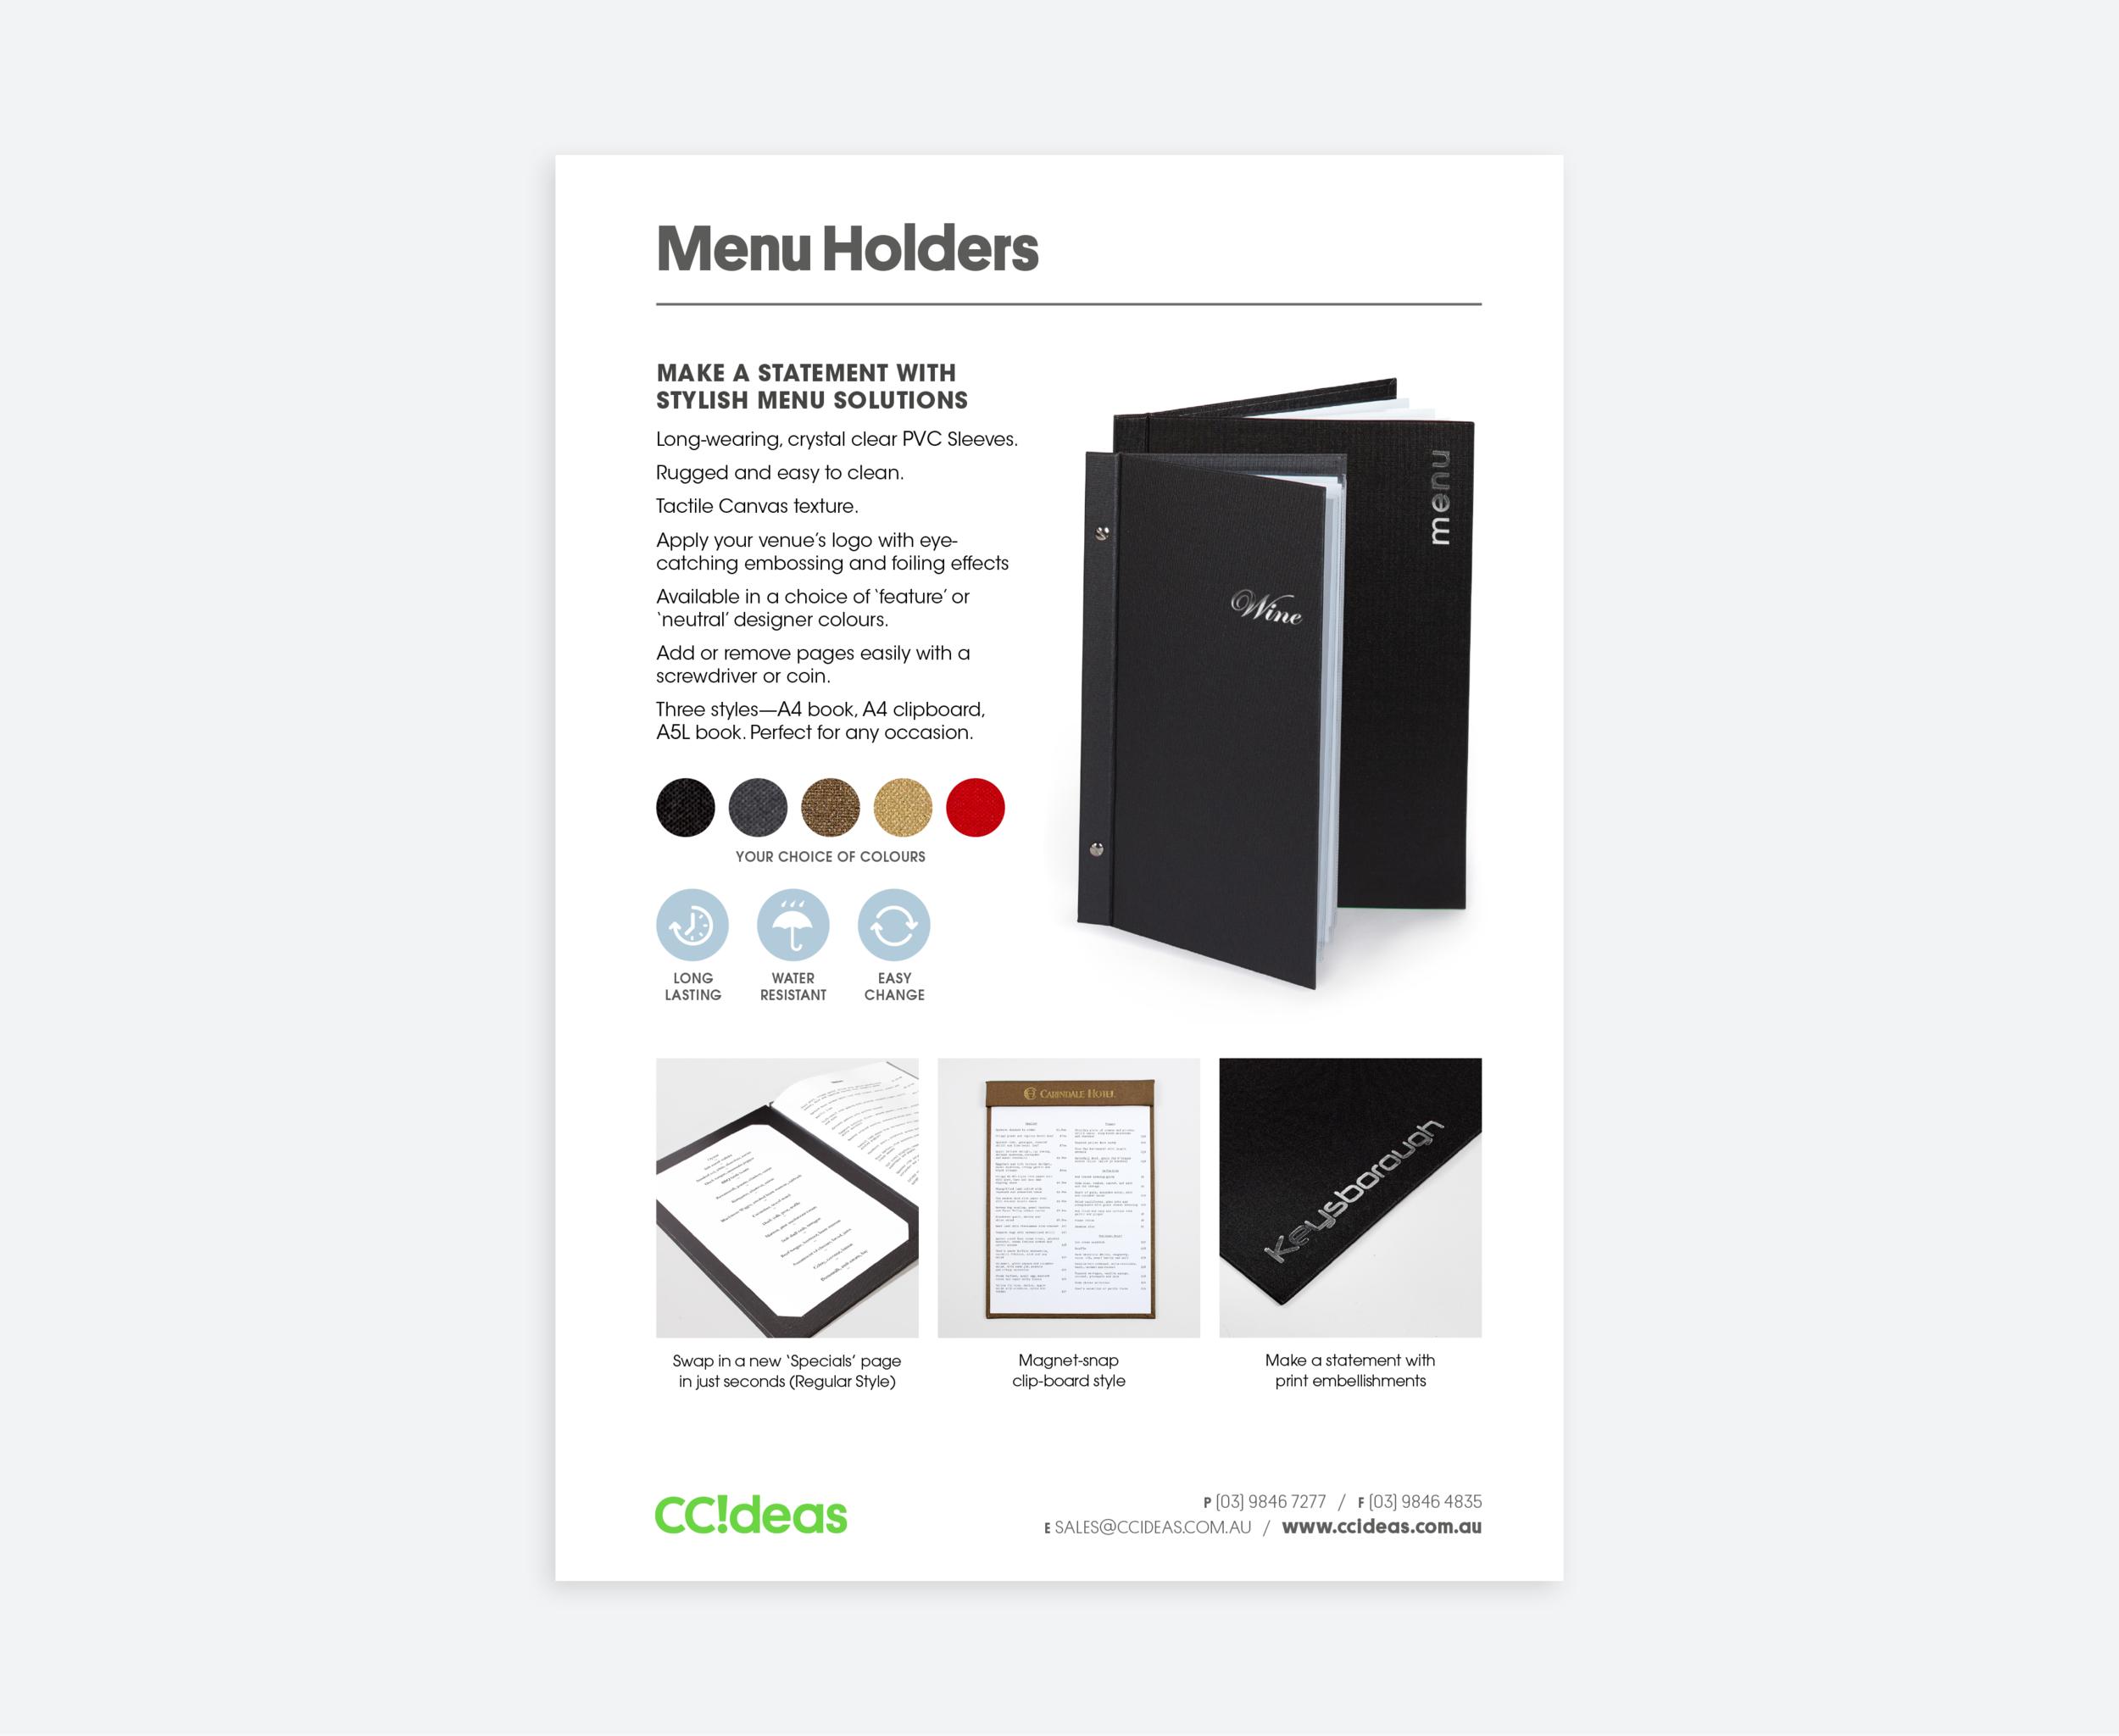 CCideas Sell-sheet (Menu Holder)